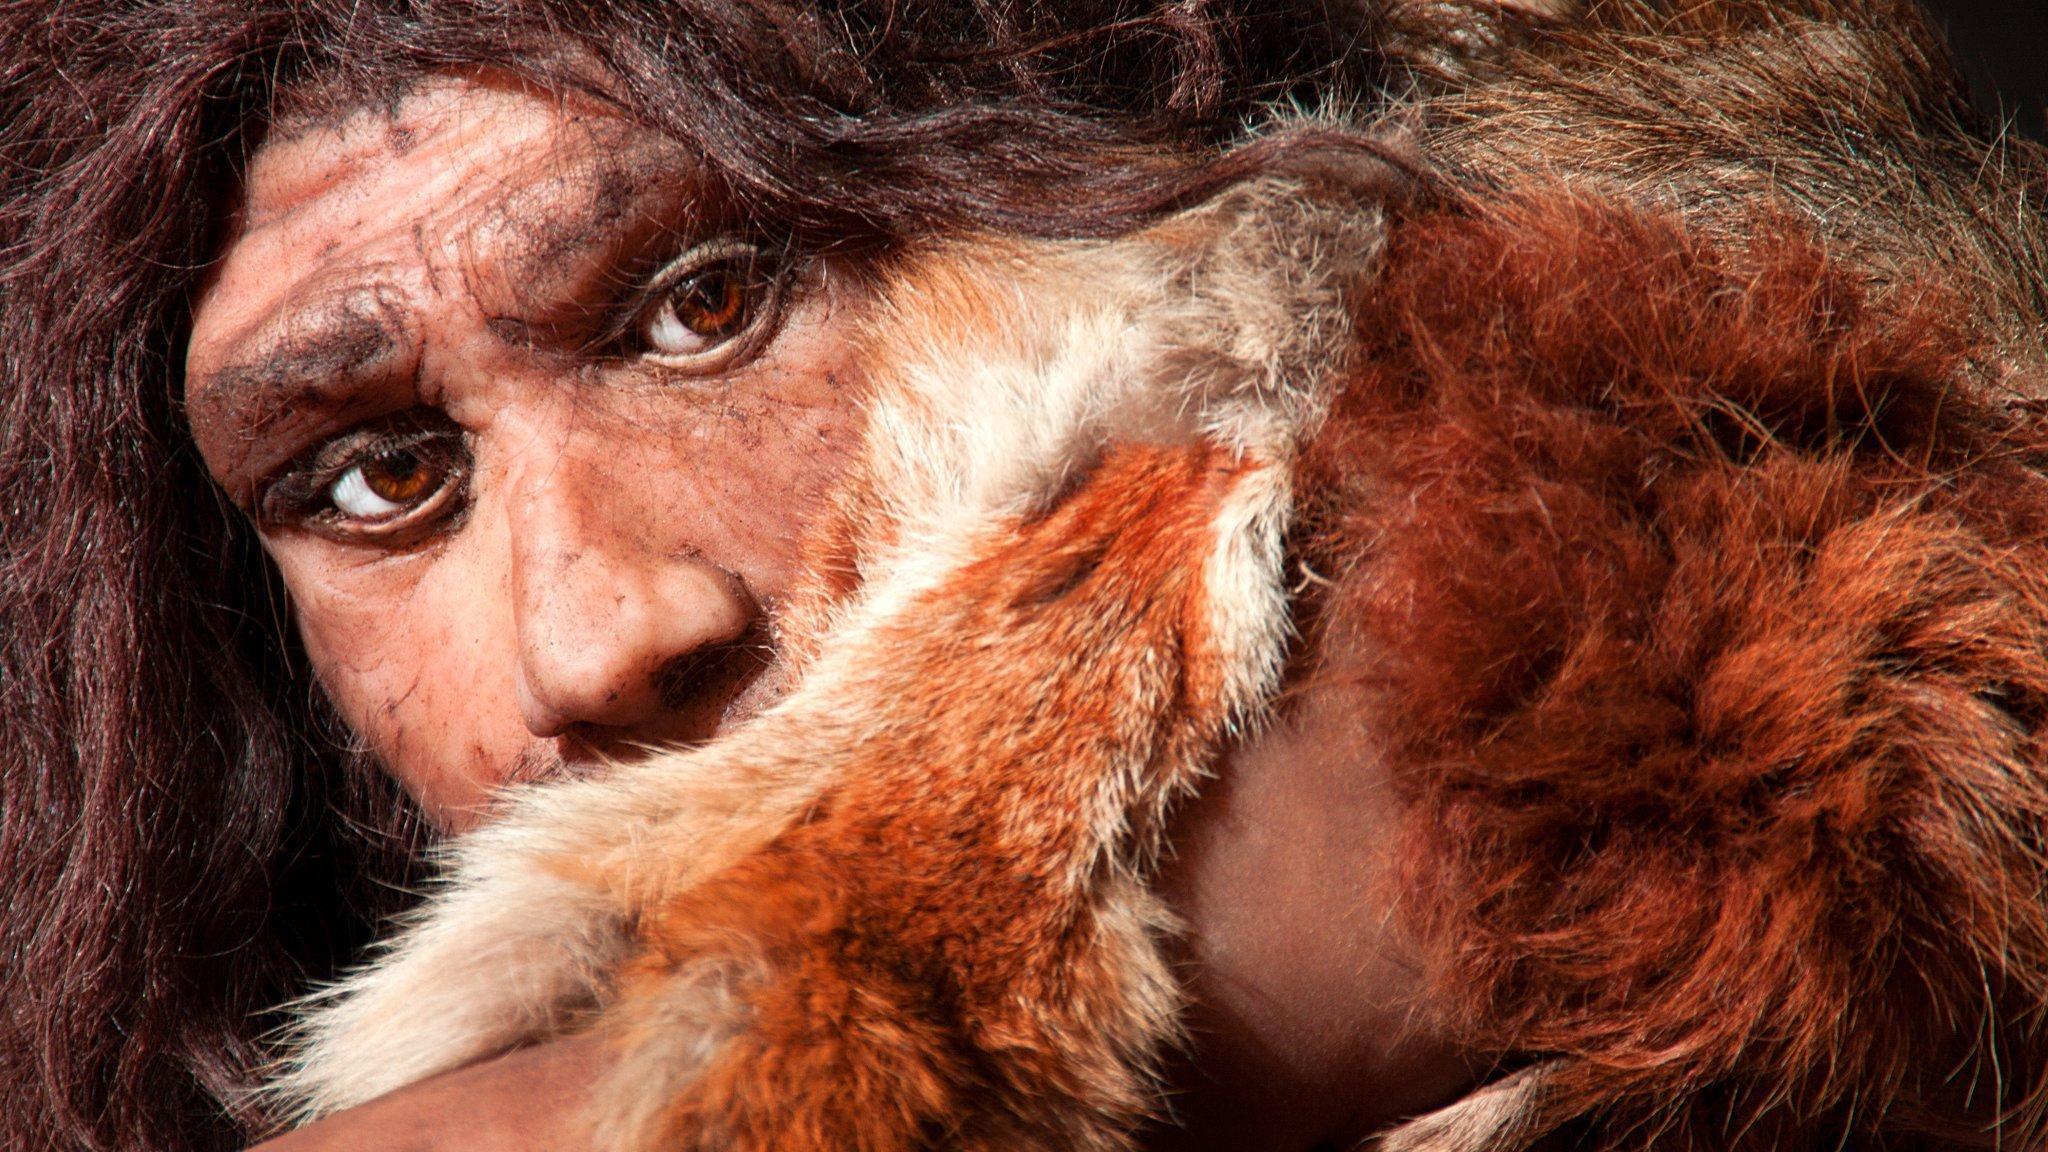 Das Bild zeigt die künstlerische Darstellung vom Gesicht eines Neandertalers mit braunen Augen und dichten, dunklen Haaren. Sein Arm ist zum Teil von einem flauschigen, weiß-braunen, auf der Schulter ruhenden Fell bedeckt. Er hält ihn schräg vor sich, so dass seine Mundpartie verdeckt ist – als ob er sich vor etwas schützen wolle. Vor vermutlich 60.000Jahren haben sich Homo sapiens-Leute mit Neandertalern vermischt. Einige vom Neandertaler übernommene Gene halfen bei der Anpassung und beeinflussen bis heute unser Aussehen und unsere Anfälligkeit für manche Krankheiten.